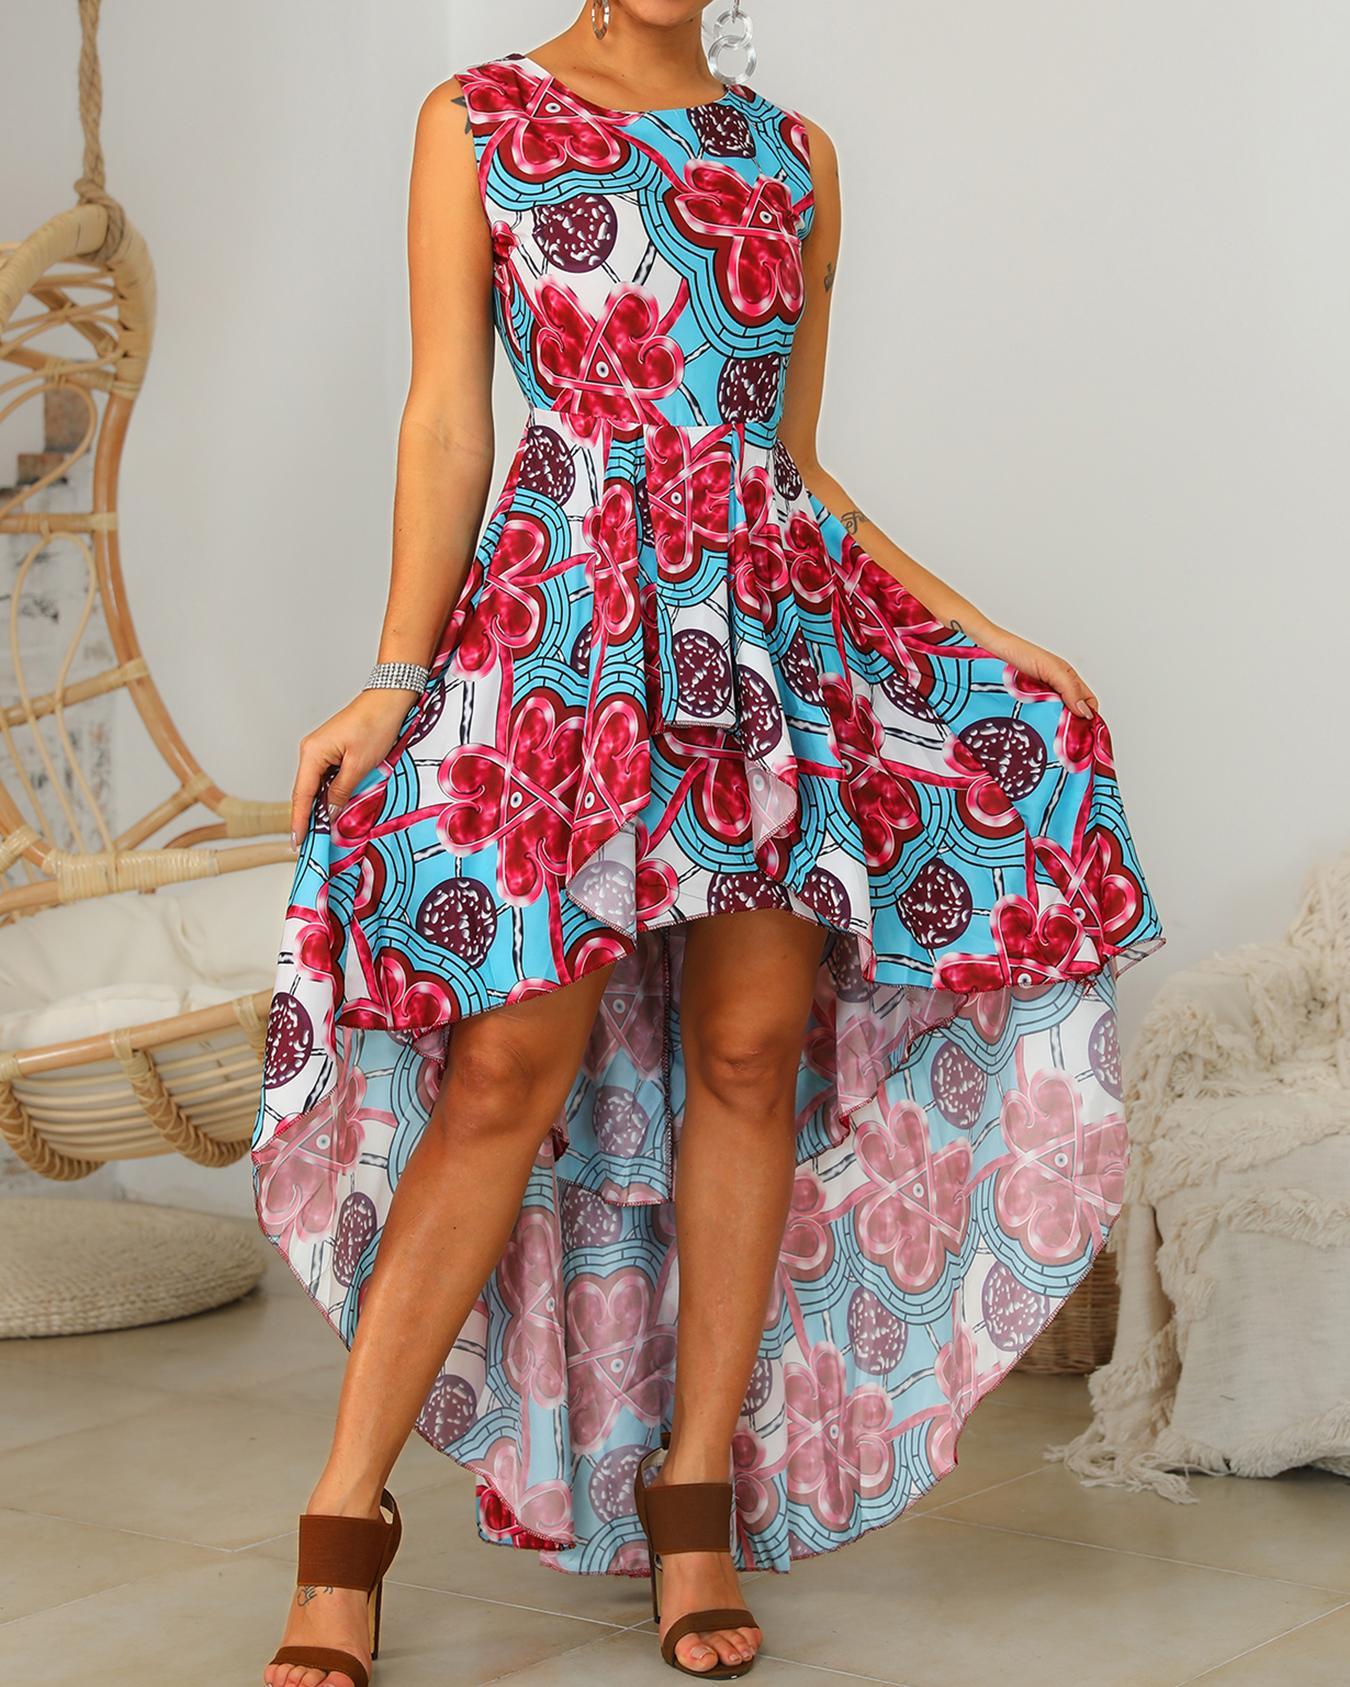 chicme / Vestido estampado floral con dobladillo y dobladillo